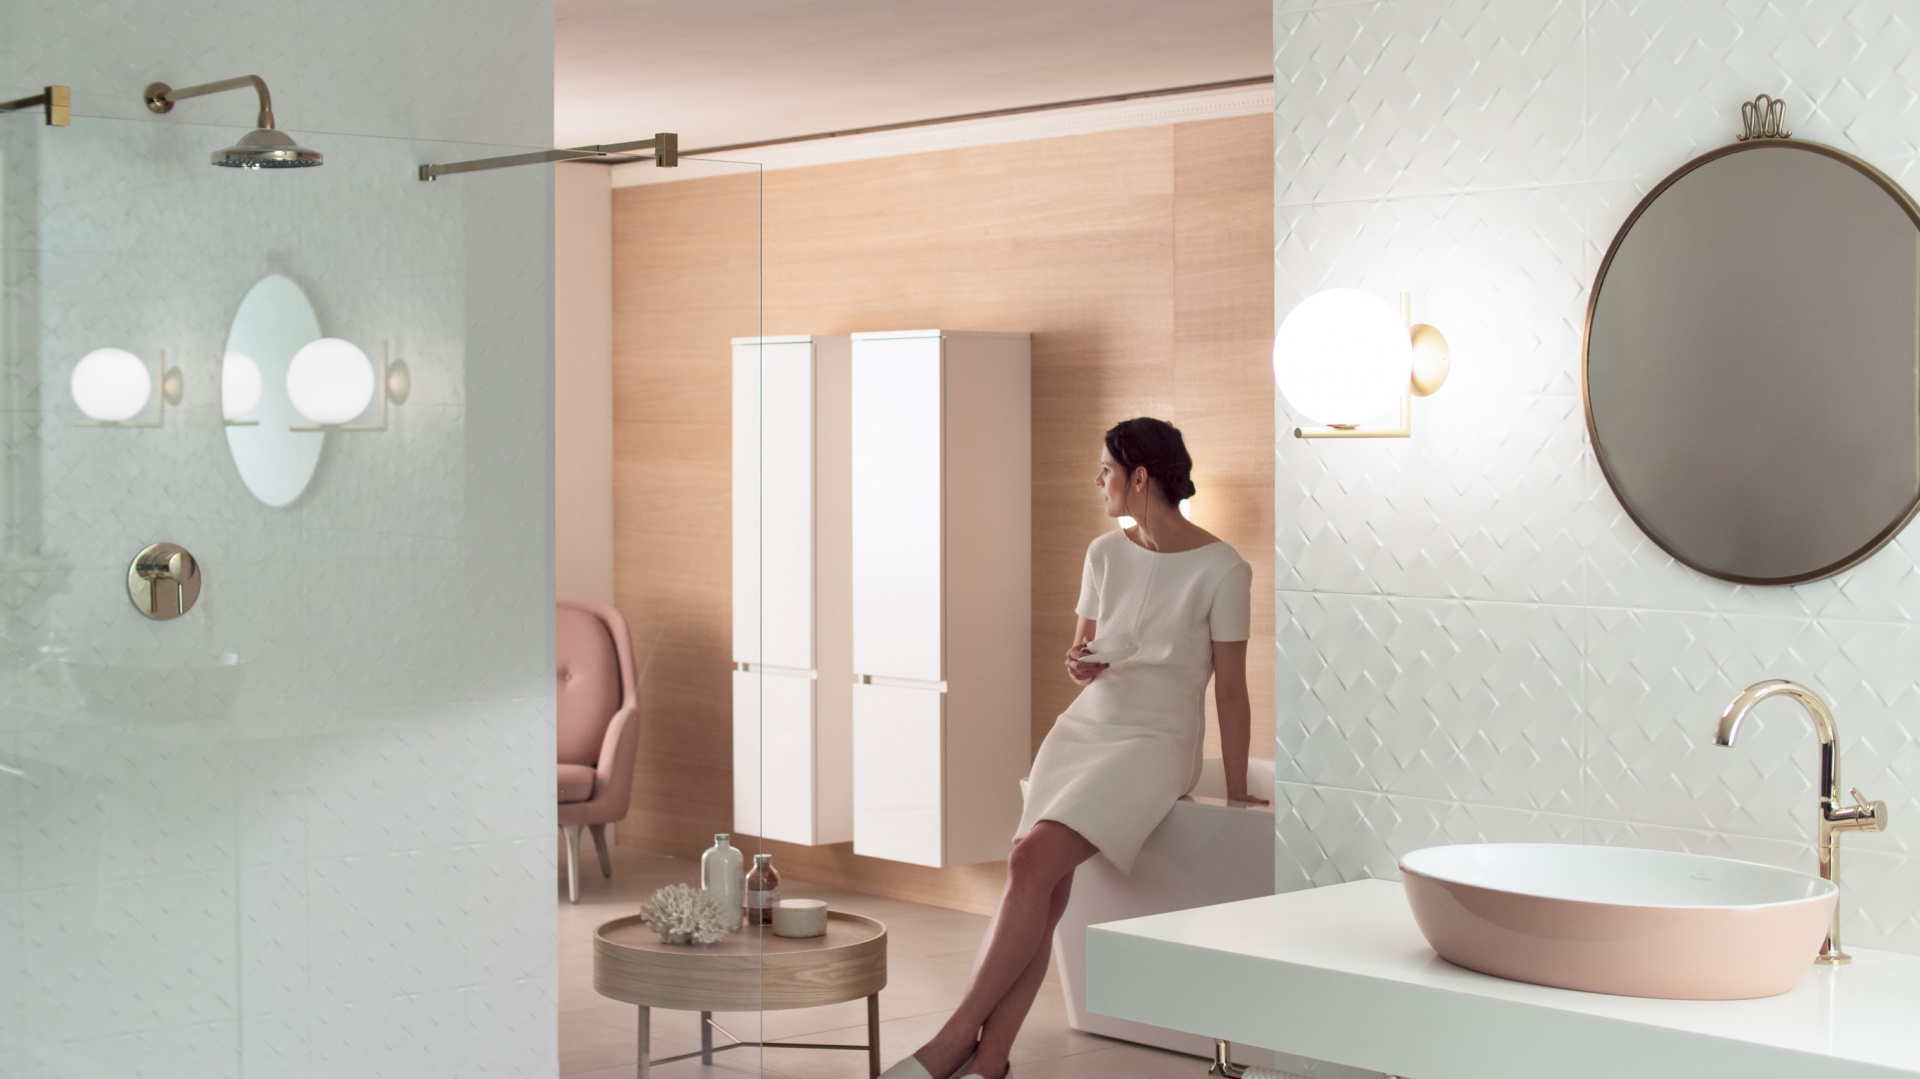 Gesa Hansen w łazience z umywalką, dla której stworzyła swoją koncepcję. Fot. Villeroy & Boch